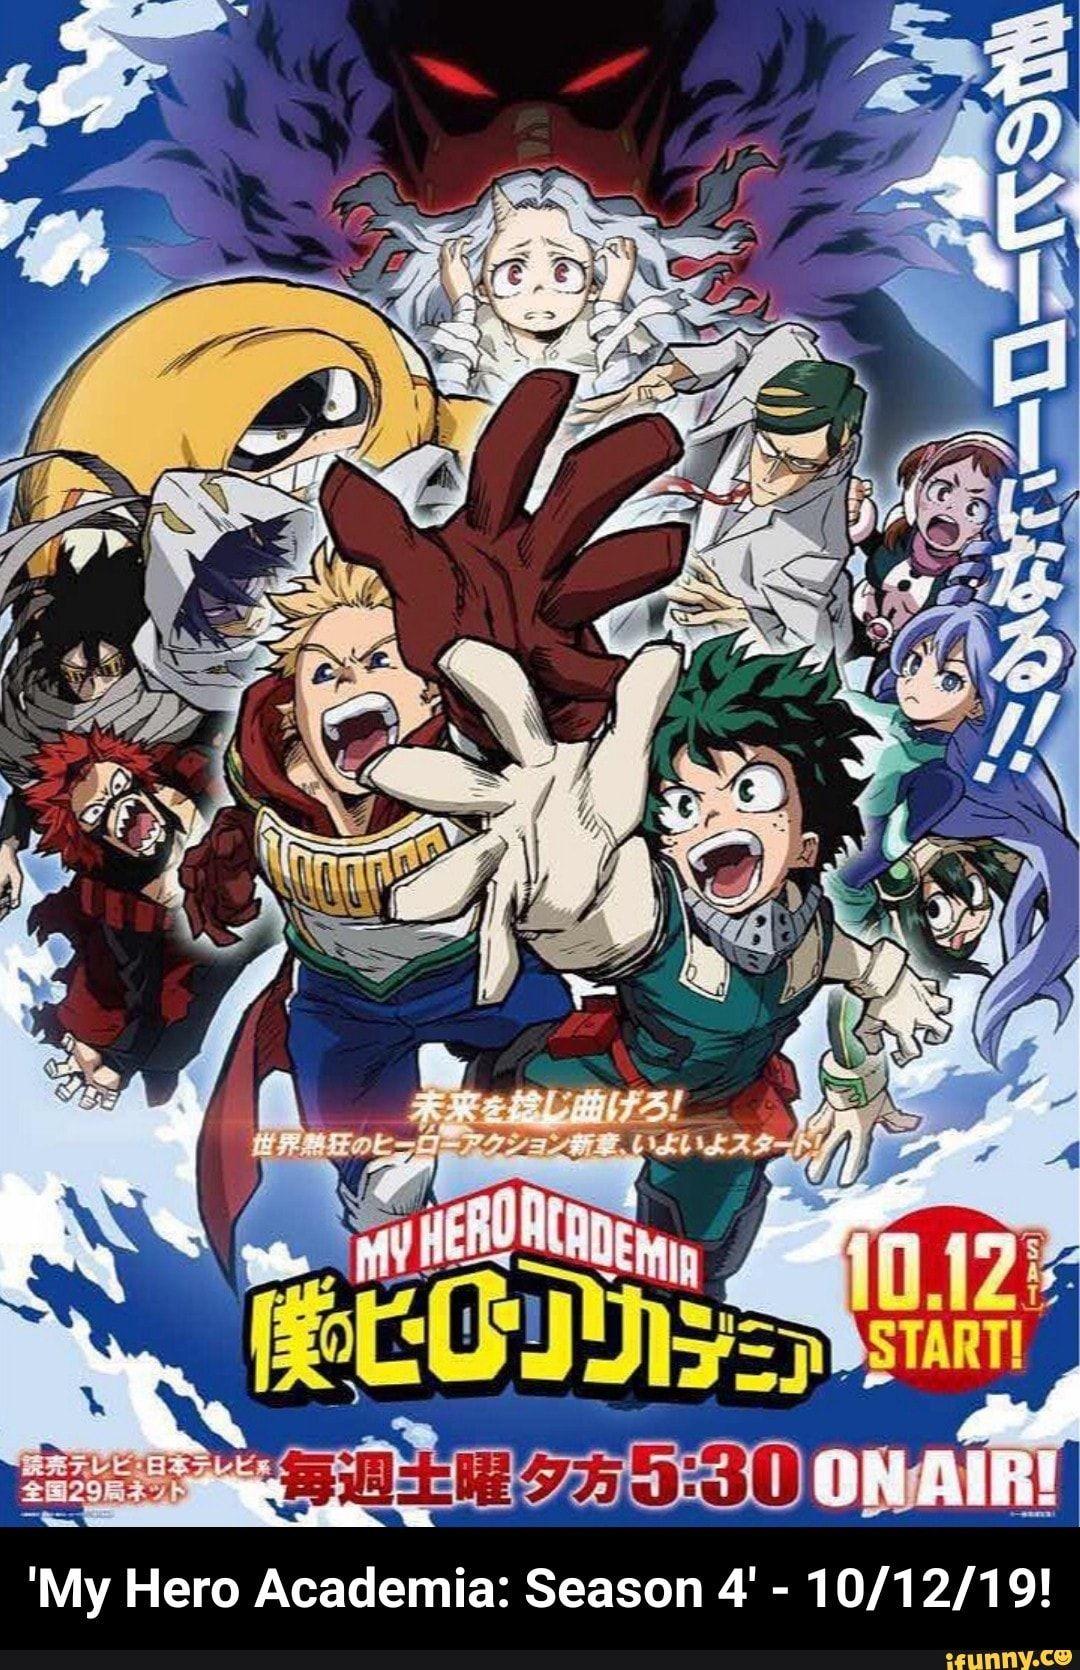 My Hero Academia Season 4 10 12 19 Ifunny With Images